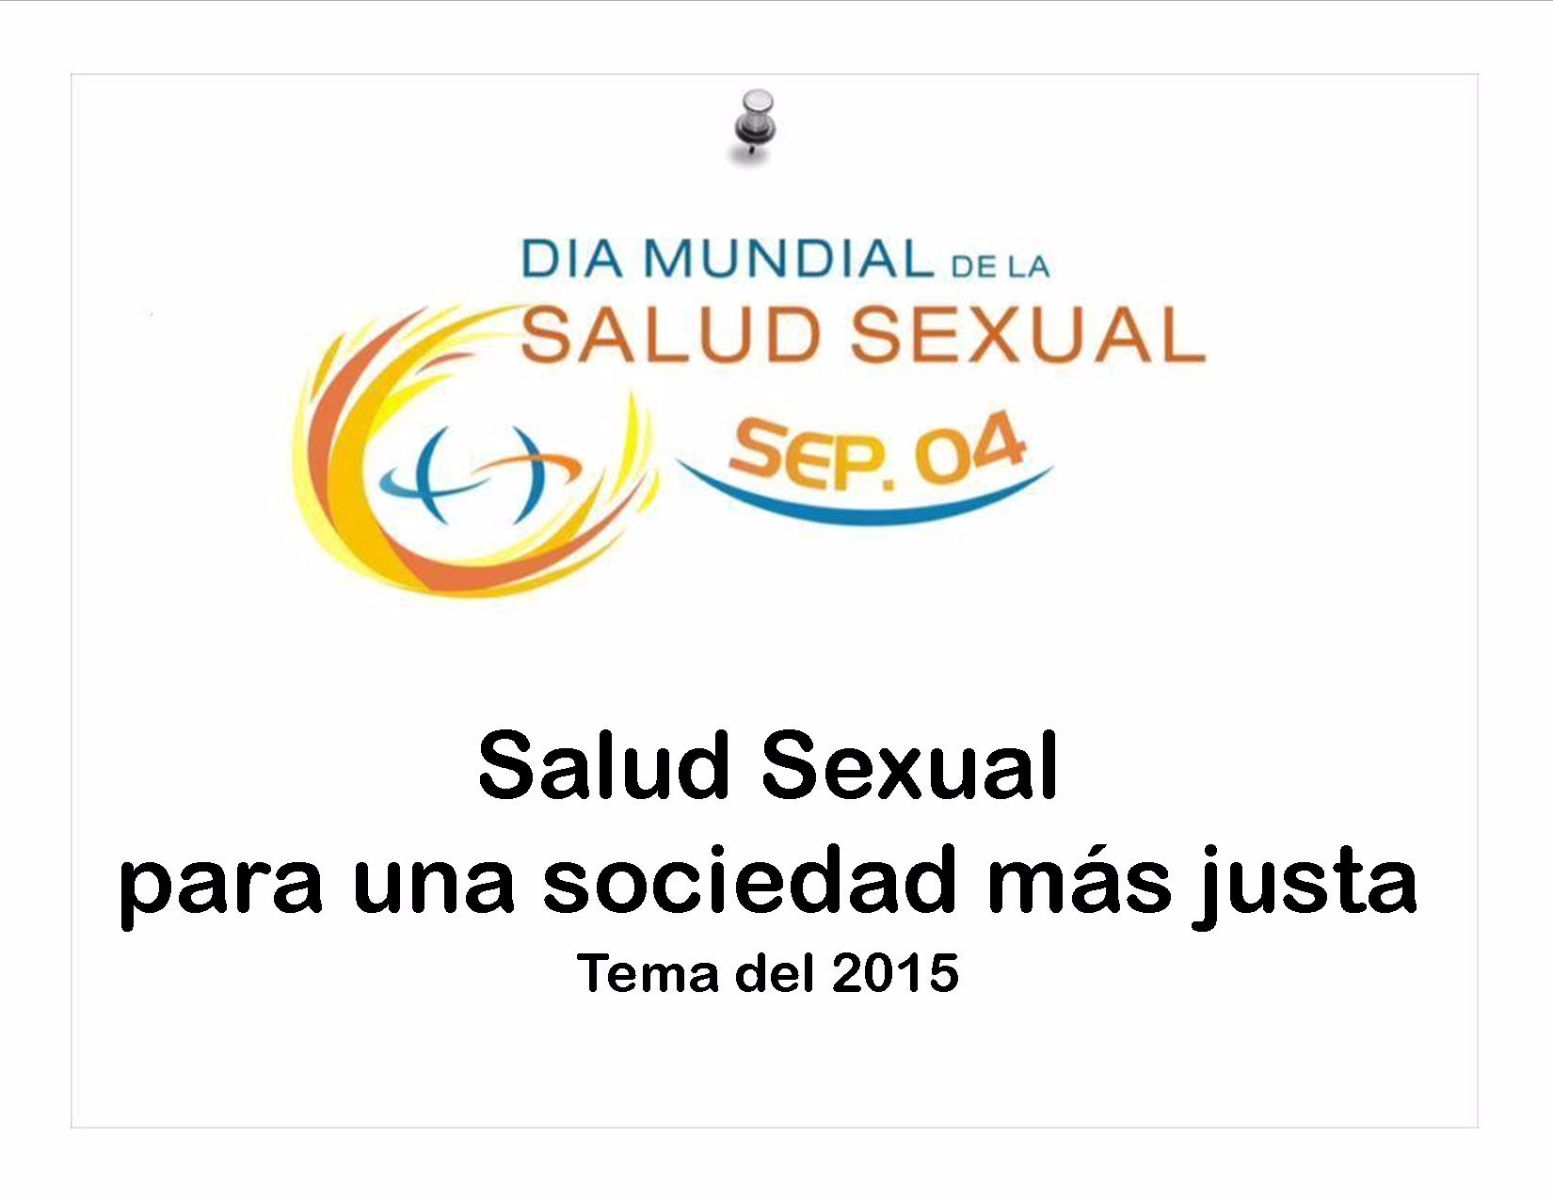 La salud sexual : Quierosaber